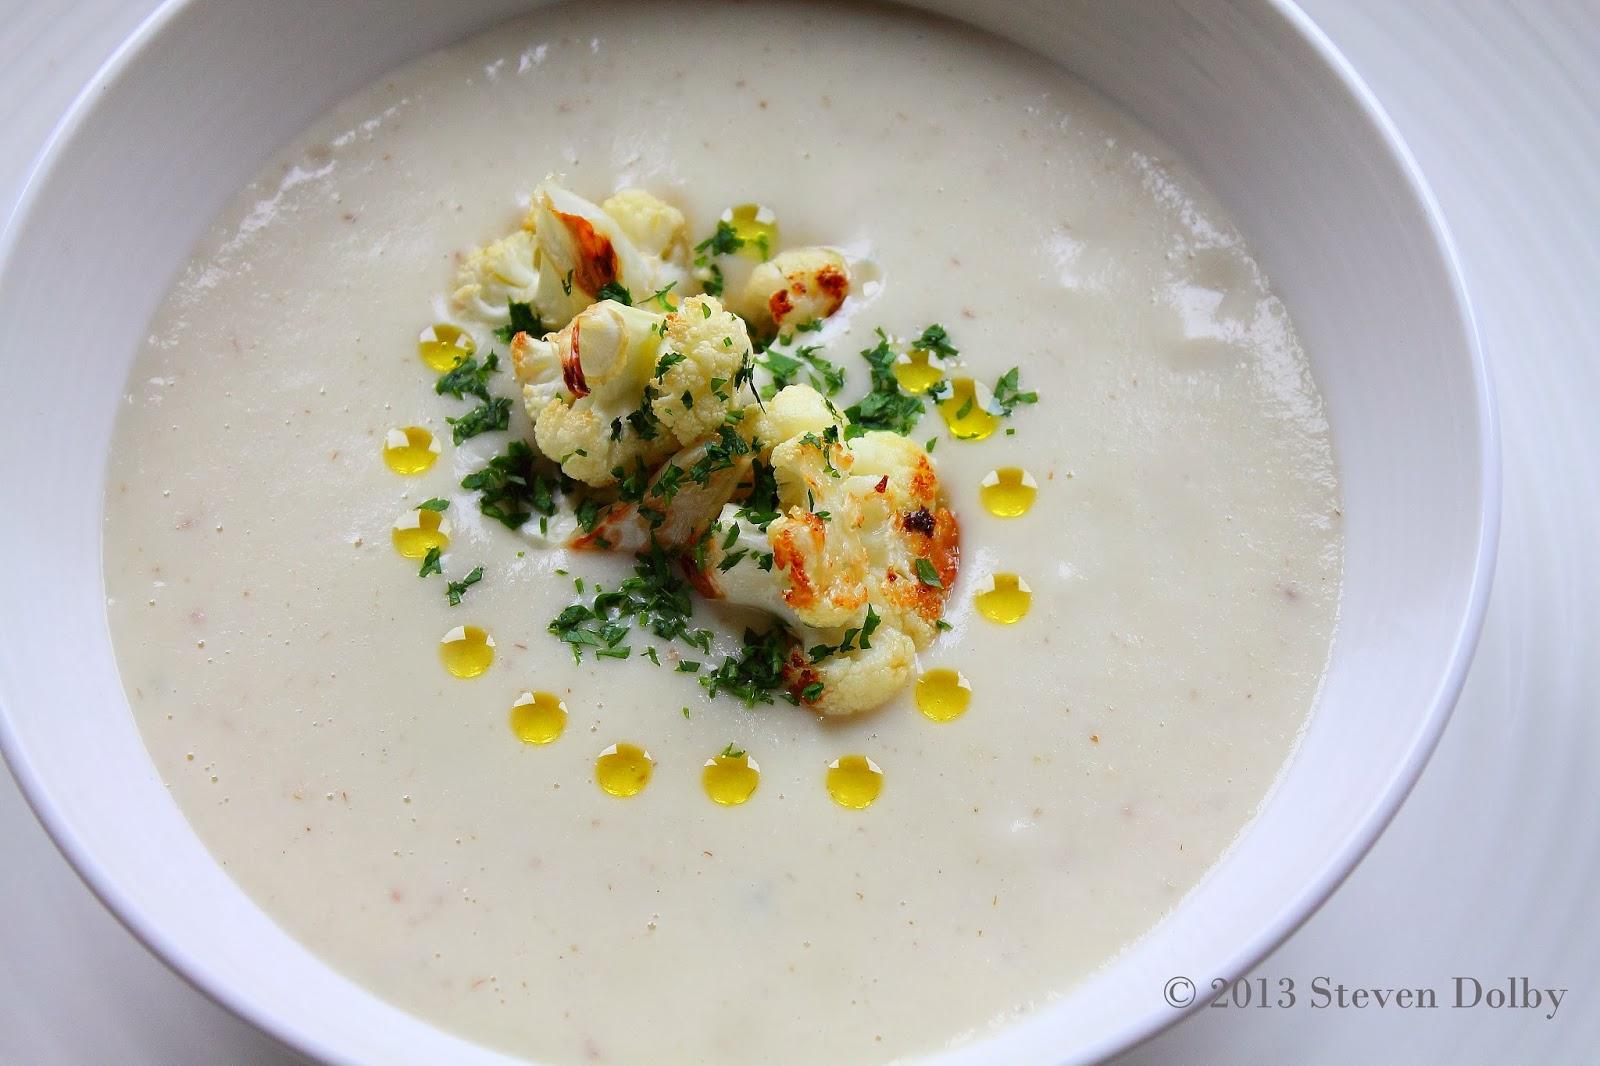 Creamy Cauliflower Soup with Caramelized Cauliflower by Steven Dolby